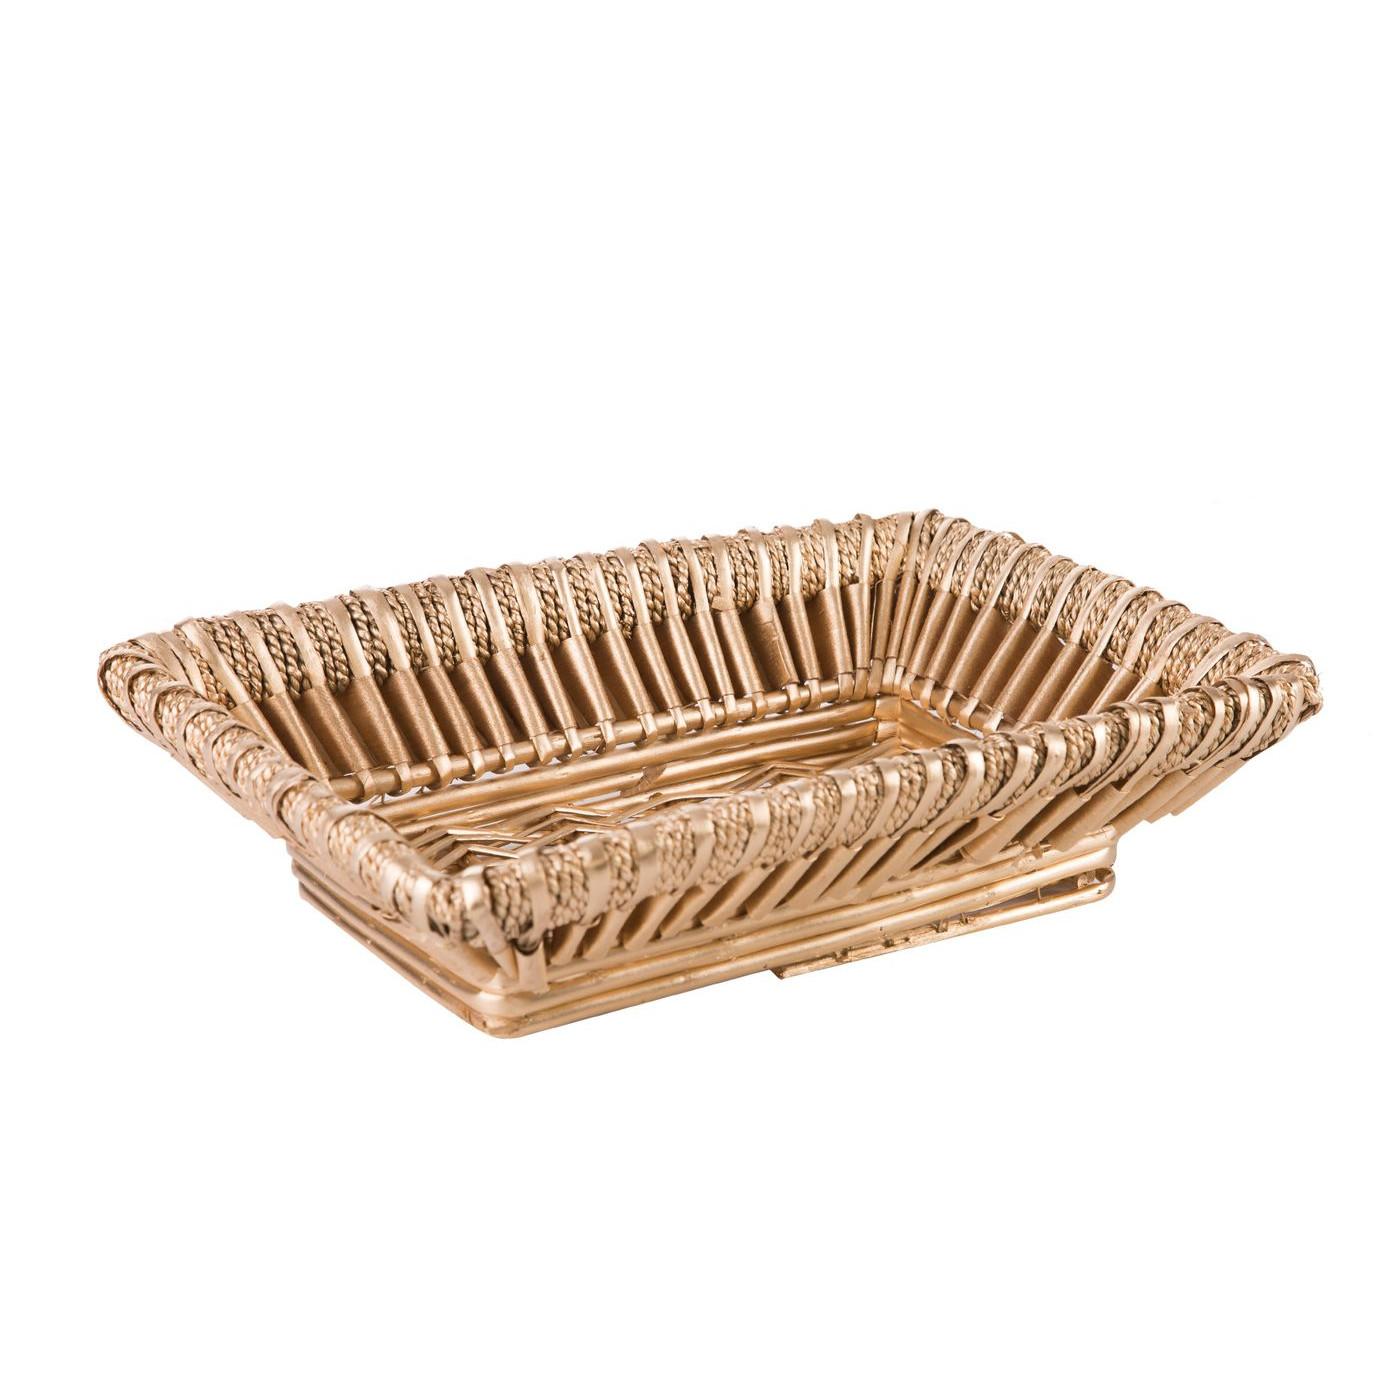 Koszyk z naturalnej wikliny 40 x 28 x 11 cm cm biało-złoty